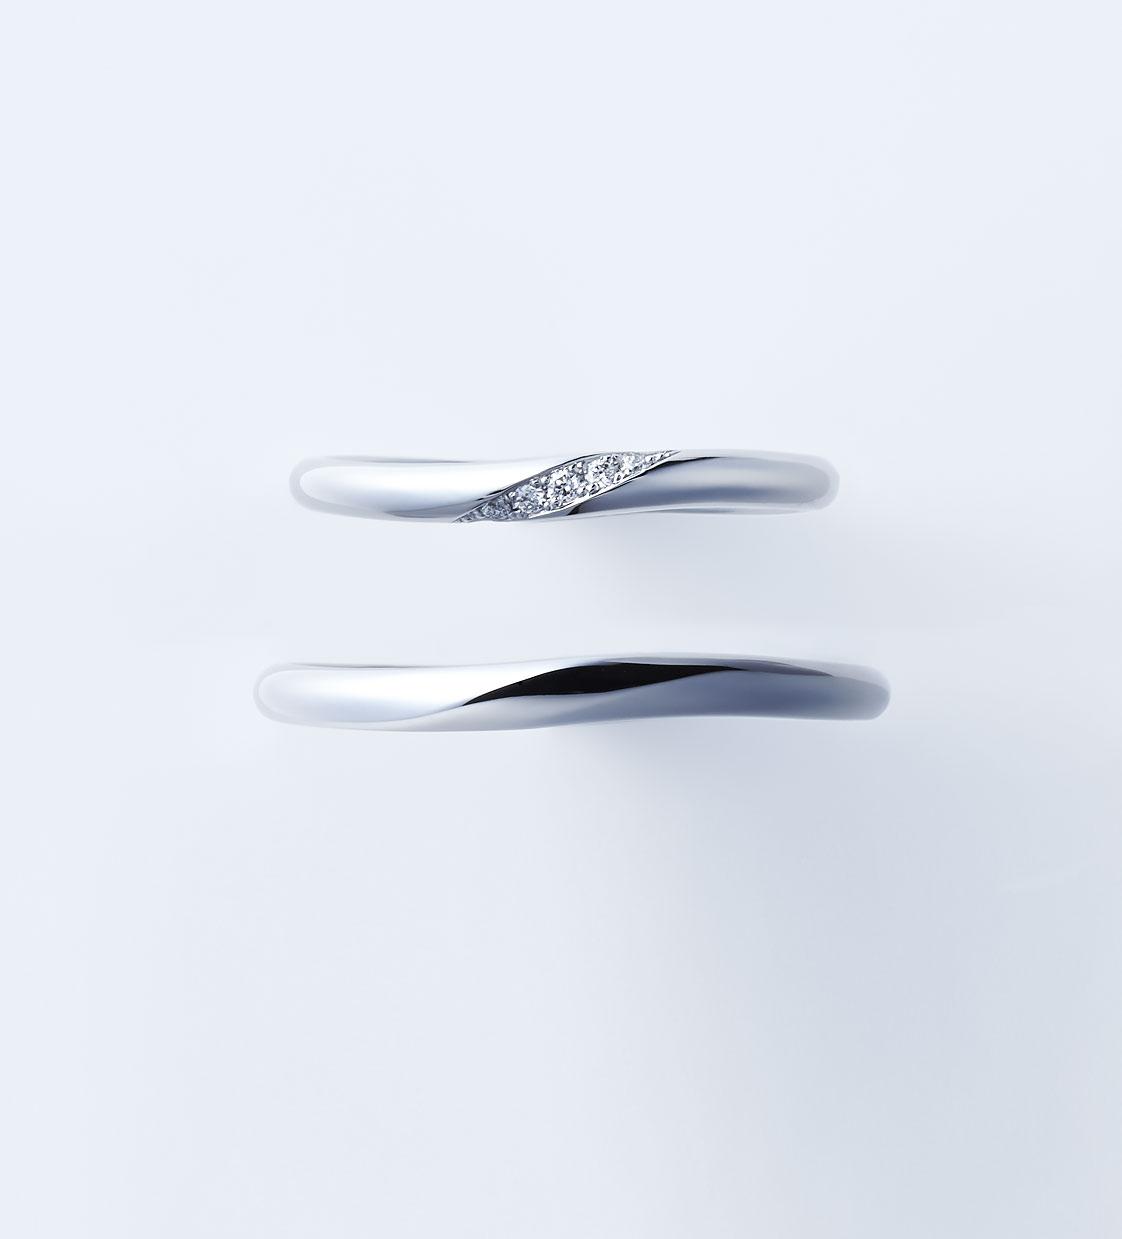 新潟 結婚指輪 婚約指輪 マリッジリング エンゲージリング サプライズ プロポーズ ウェディング NIWAKA 俄 ニワカ にわか ことのは シンプル 安い かわいい